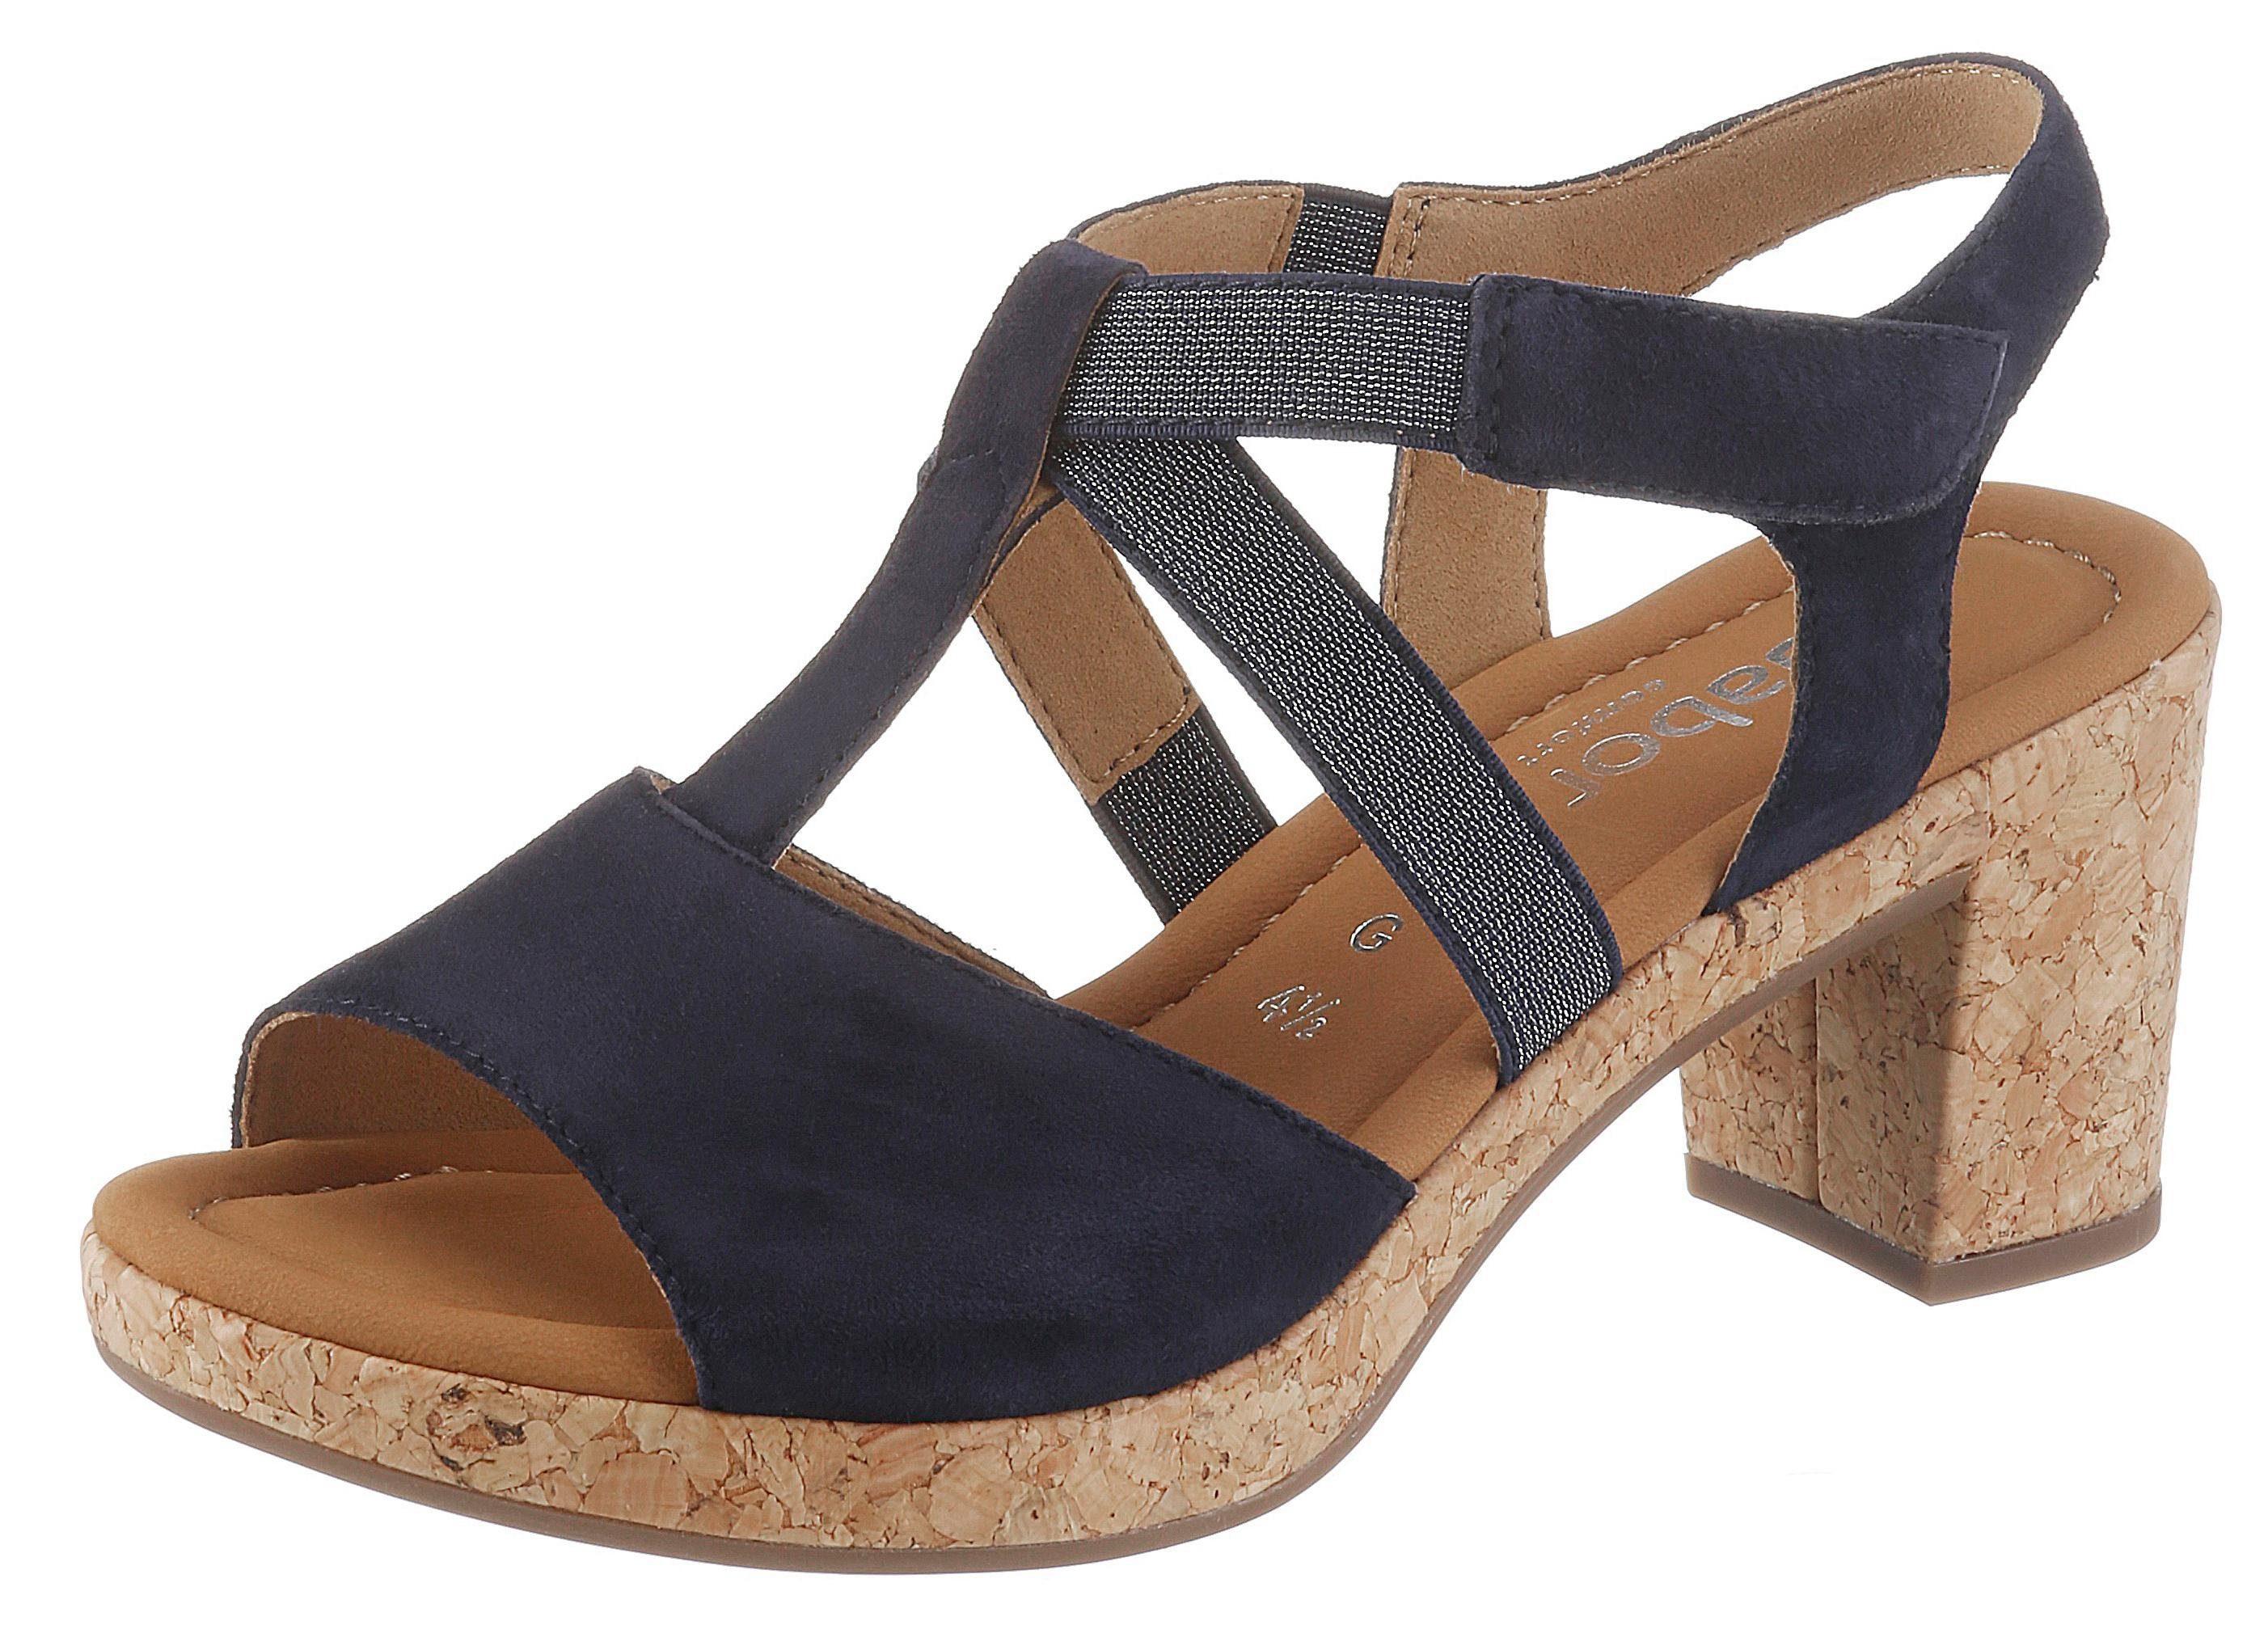 Gabor Sandalette mit Korkbezug, Obermaterial aus wertigem Ziegenveloursleder online kaufen | OTTO